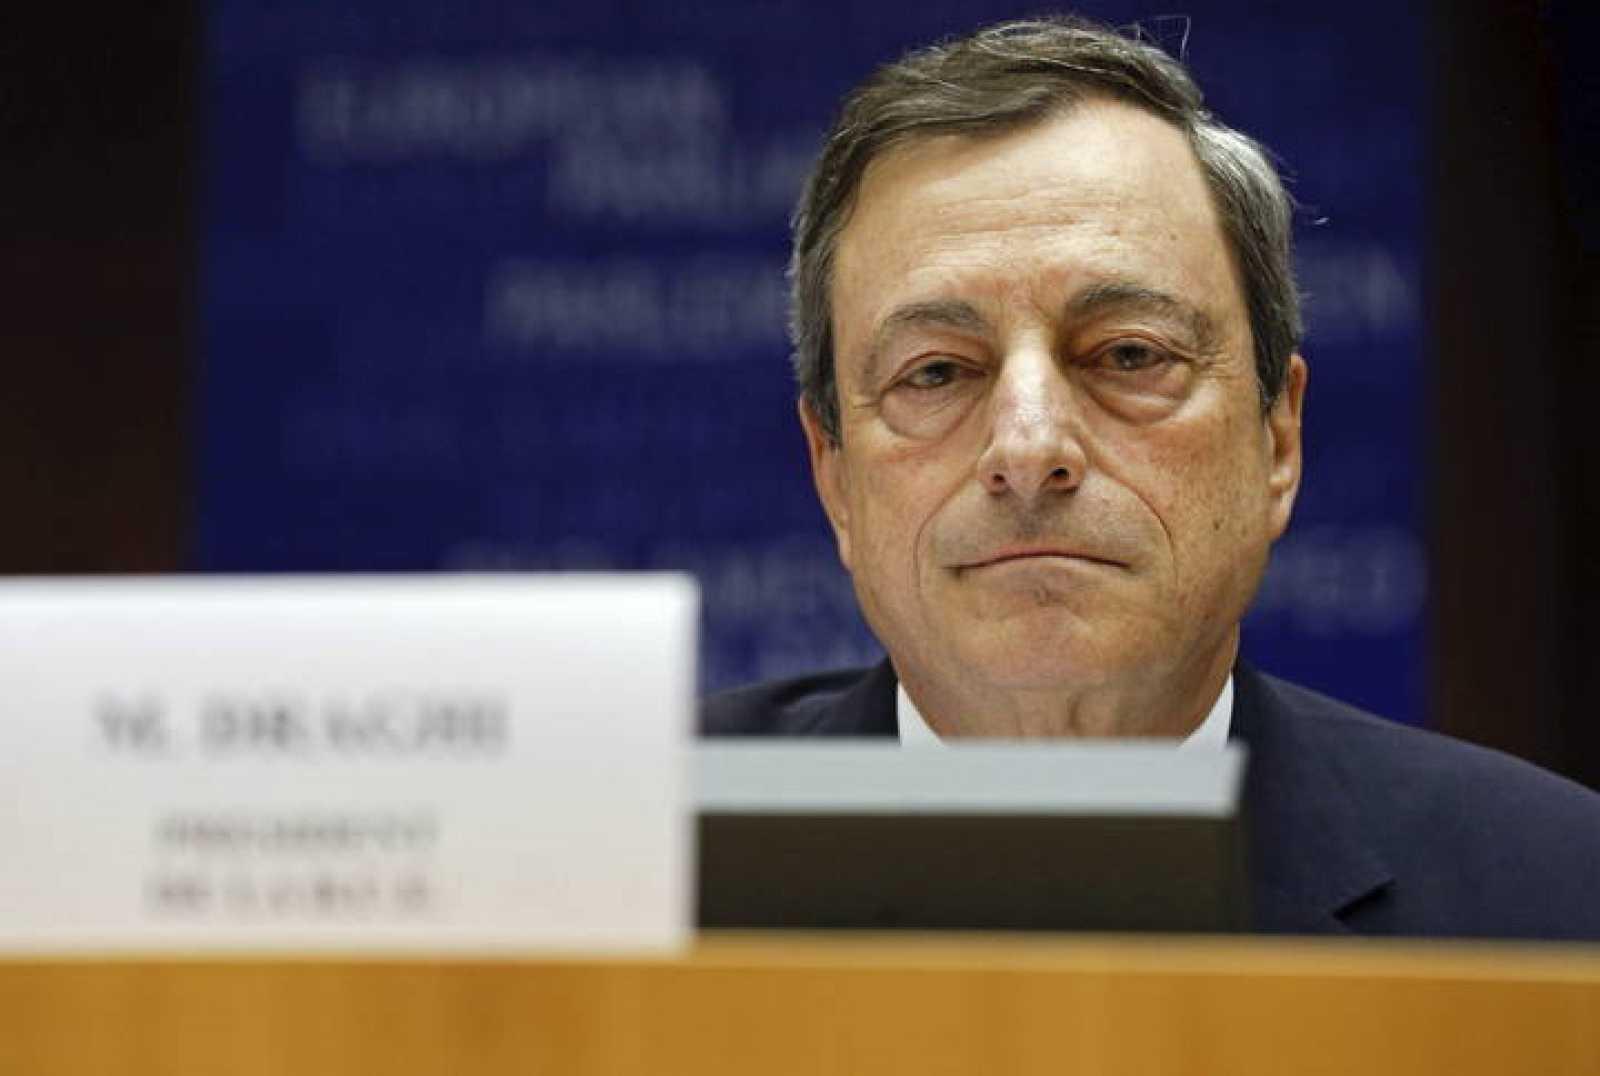 El presidente del BCE, Mario Draghi, durante una intervención en el Parlamento Europeo